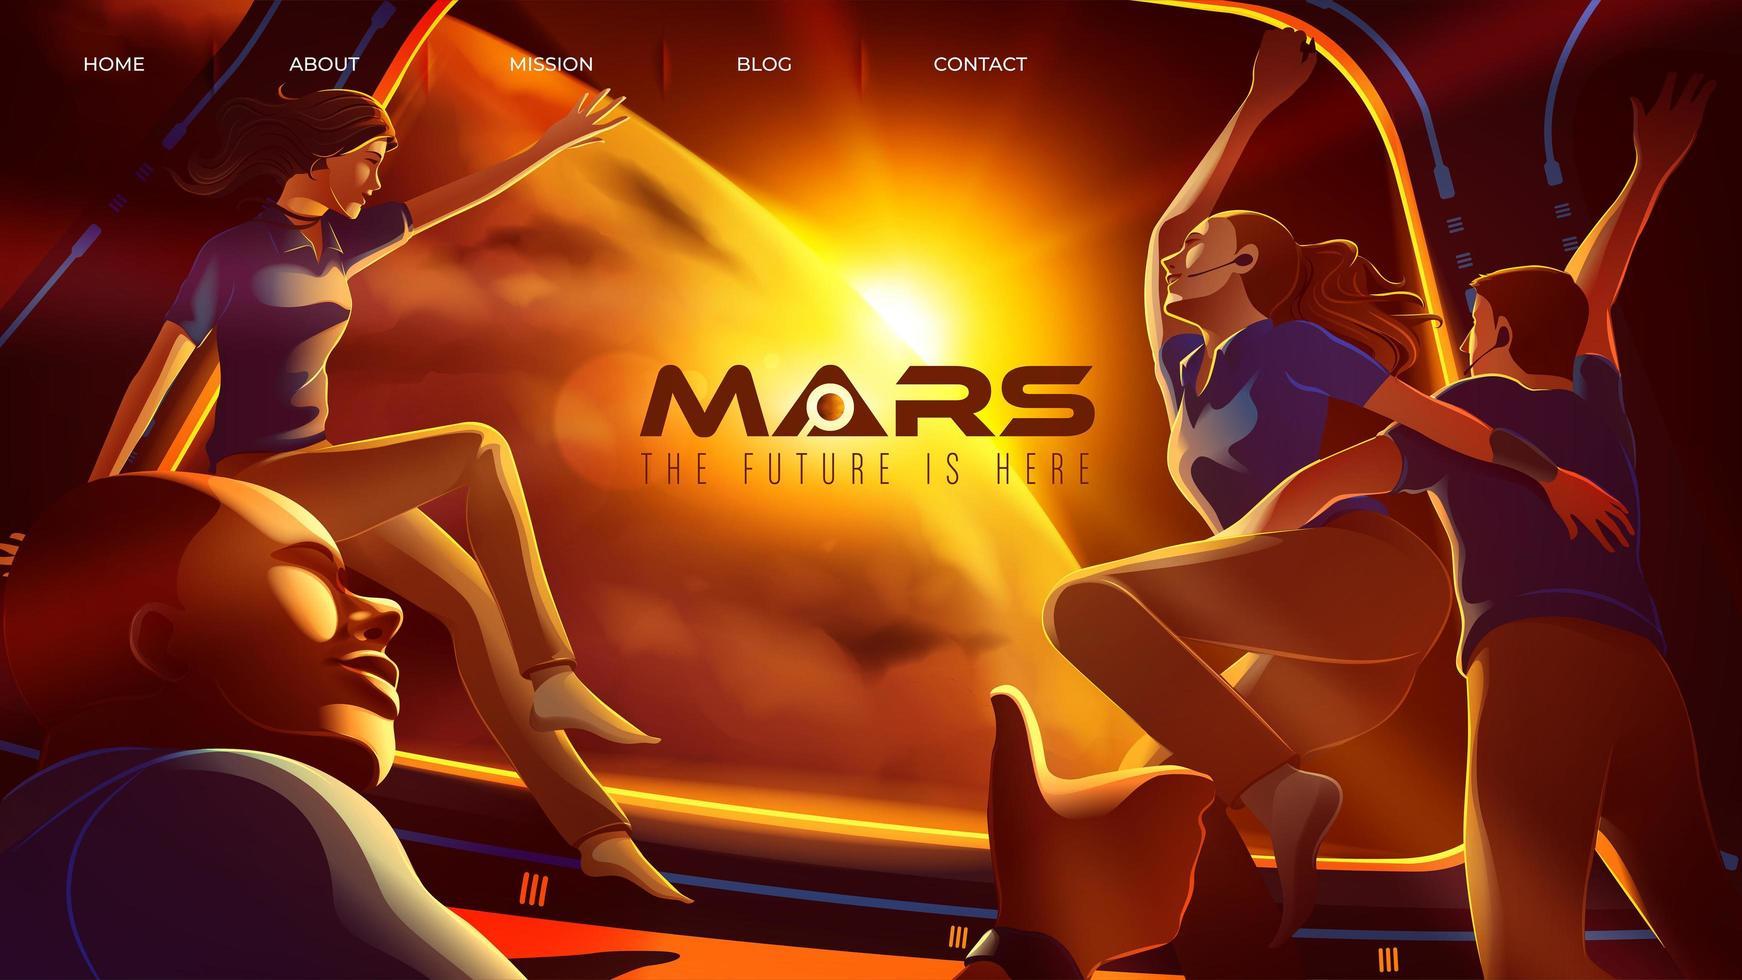 quatre astronautes de l'espace félicitent ensemble à l'intérieur du vaisseau spatial pour leur arrivée sur mars vecteur